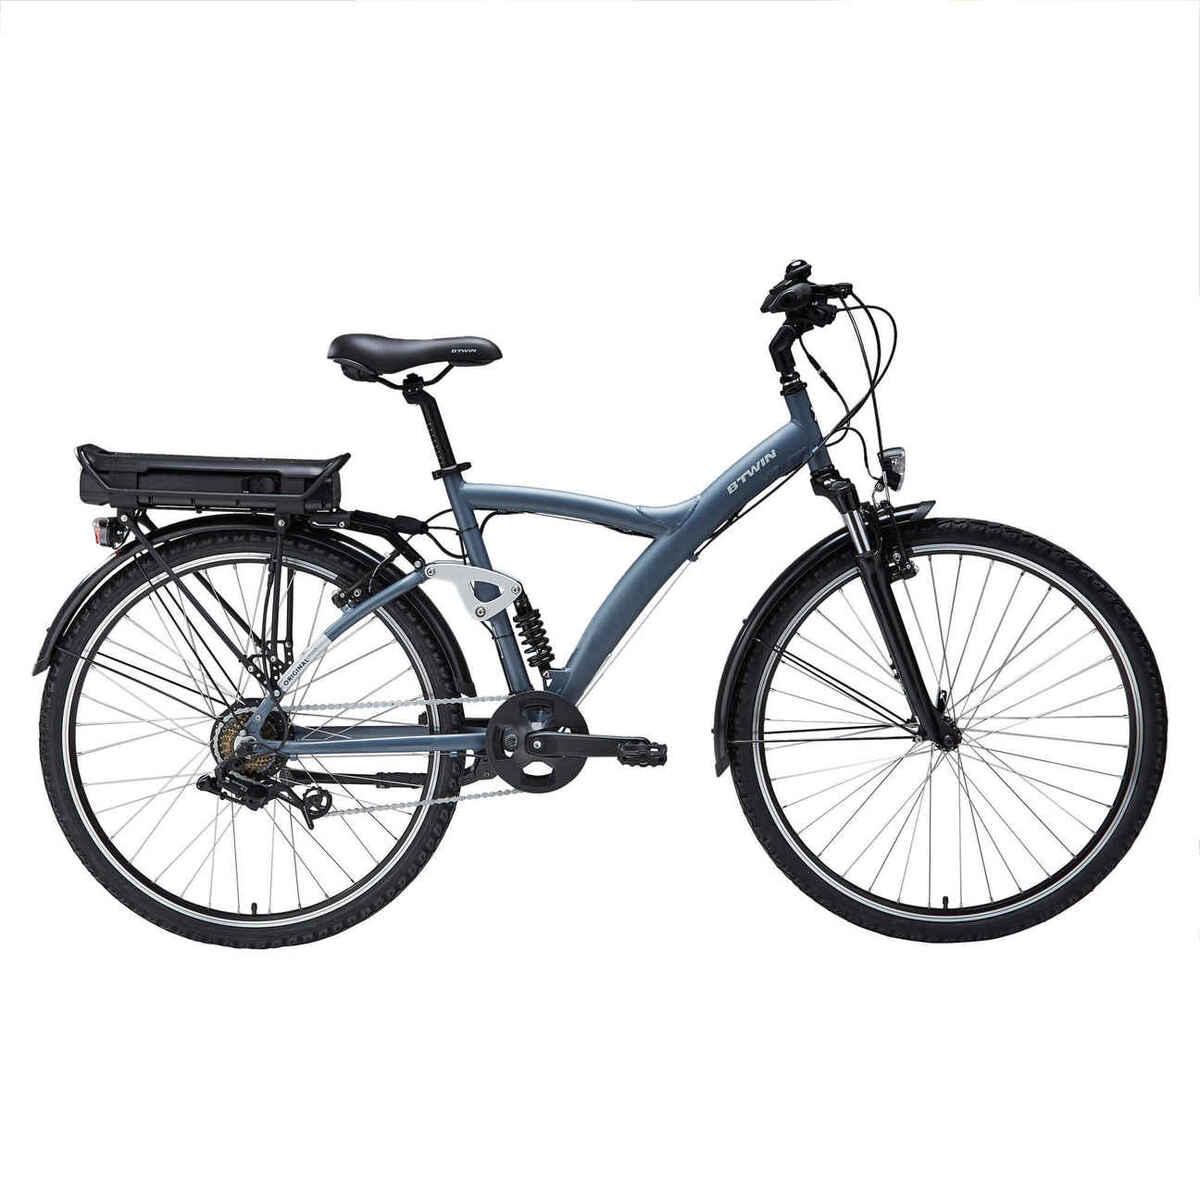 Bild 1 von E-Bike Trekkingrad 26/28 Zoll Original 920E graublau